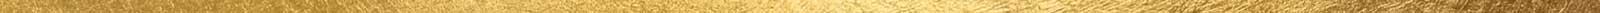 goldline.jpg